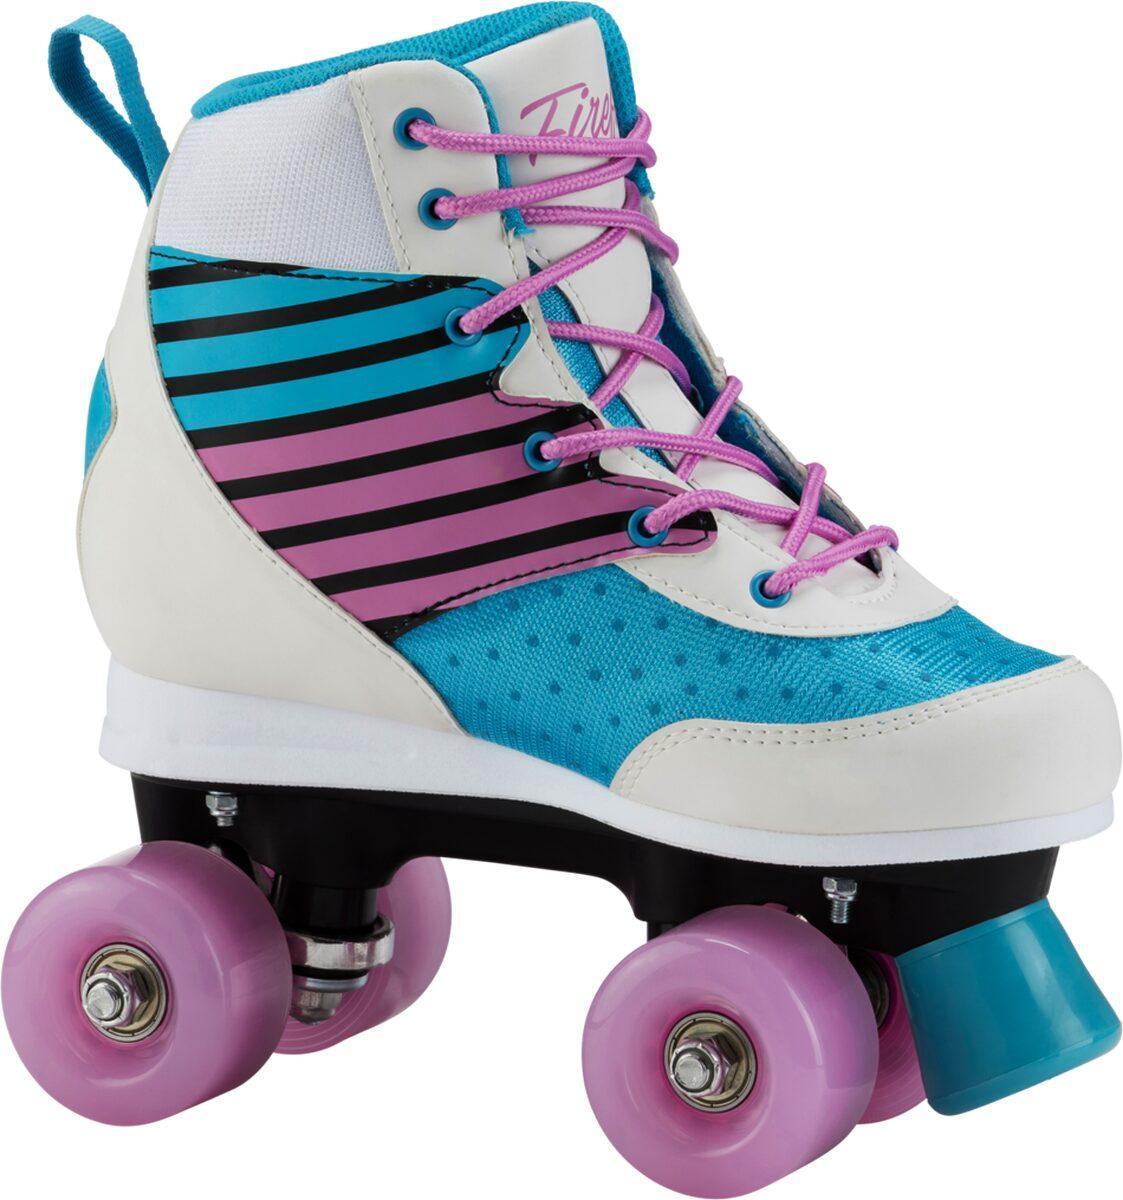 firefly-roller-disco-rollschuhe-gr-ouml-szlig-e-33-0-900-t-uuml-rkis-wei-szlig-pink-